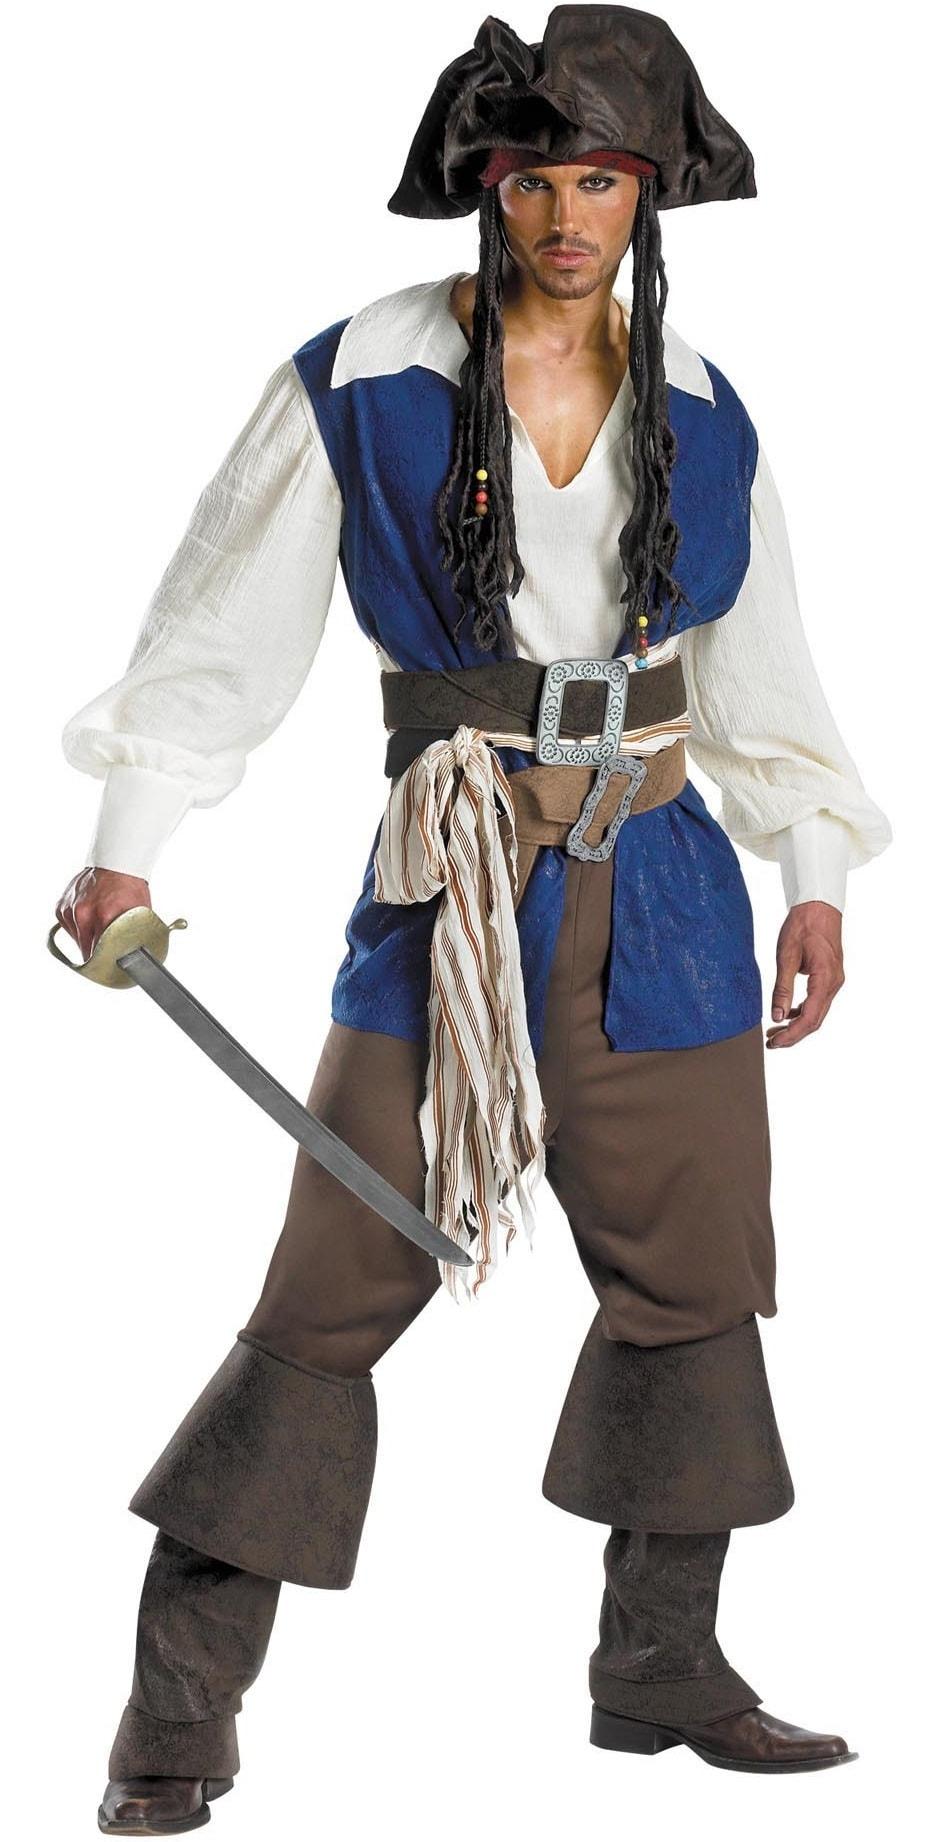 Костюм пират Джек Воробей deluxe взрослый d5035 купить в ...